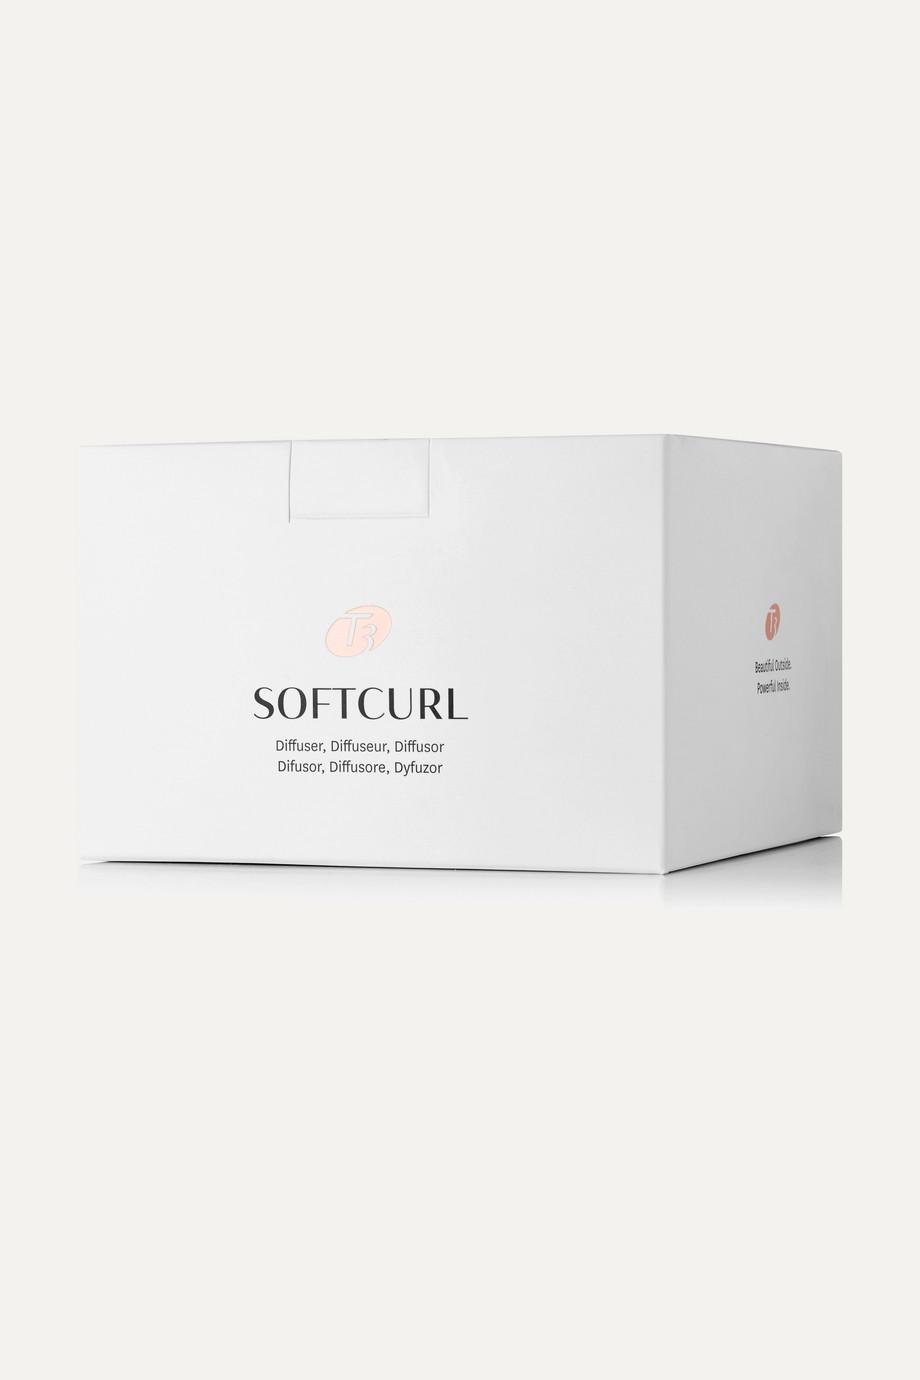 T3 SoftCurl Diffuser